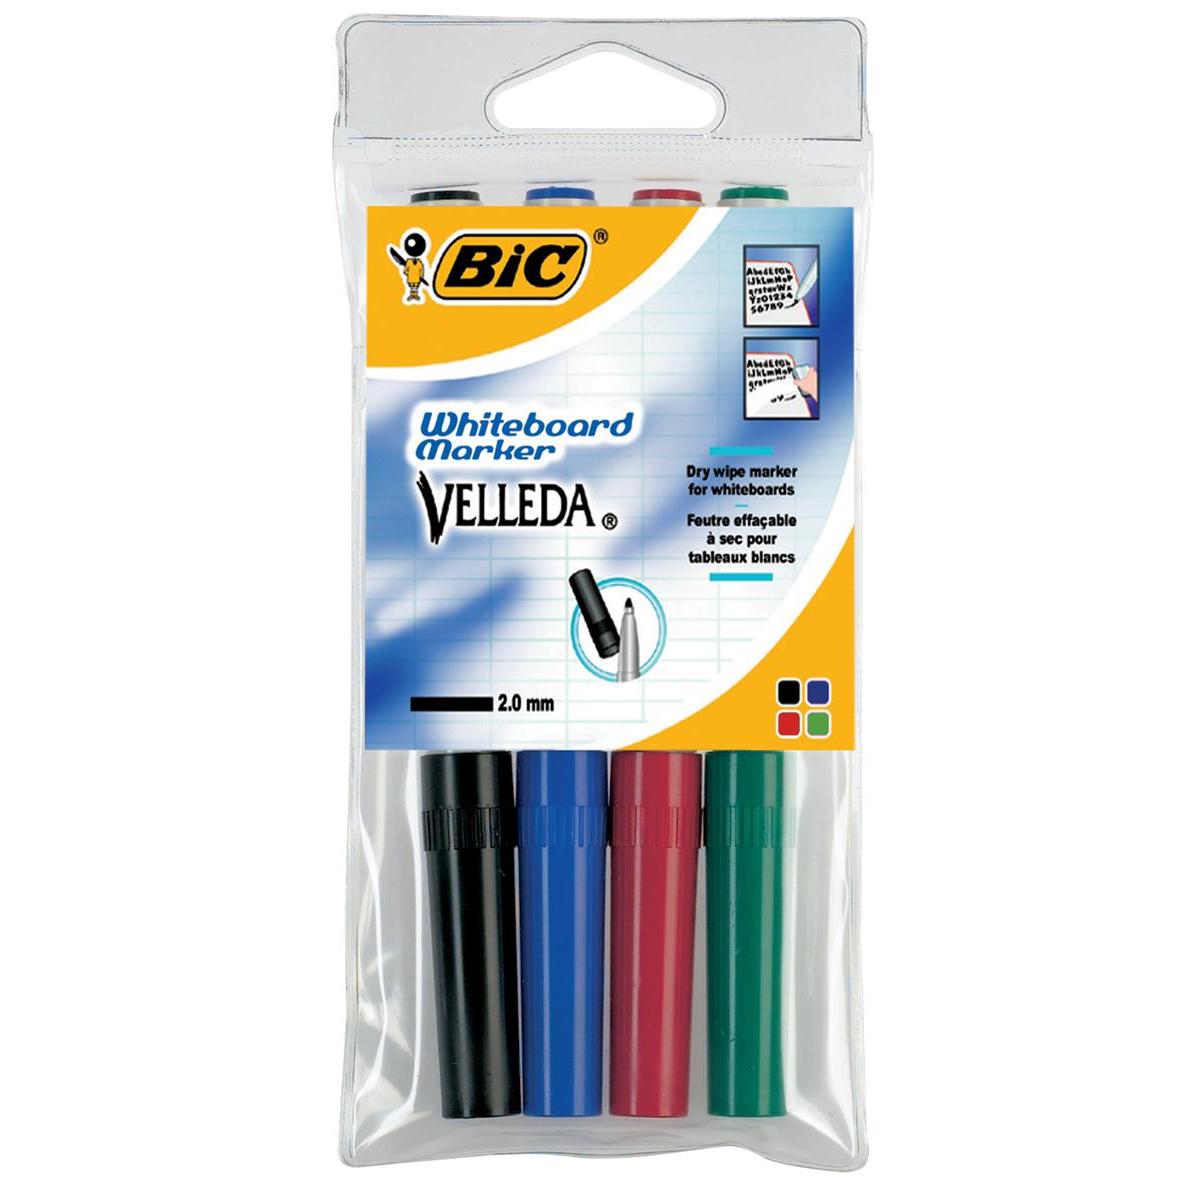 Bic Velleda Marker W/bd Dry-wipe 1741 Fine Bullet Tip 1.4mm Line Wallet Assorted Ref 1199001744 Pack 4